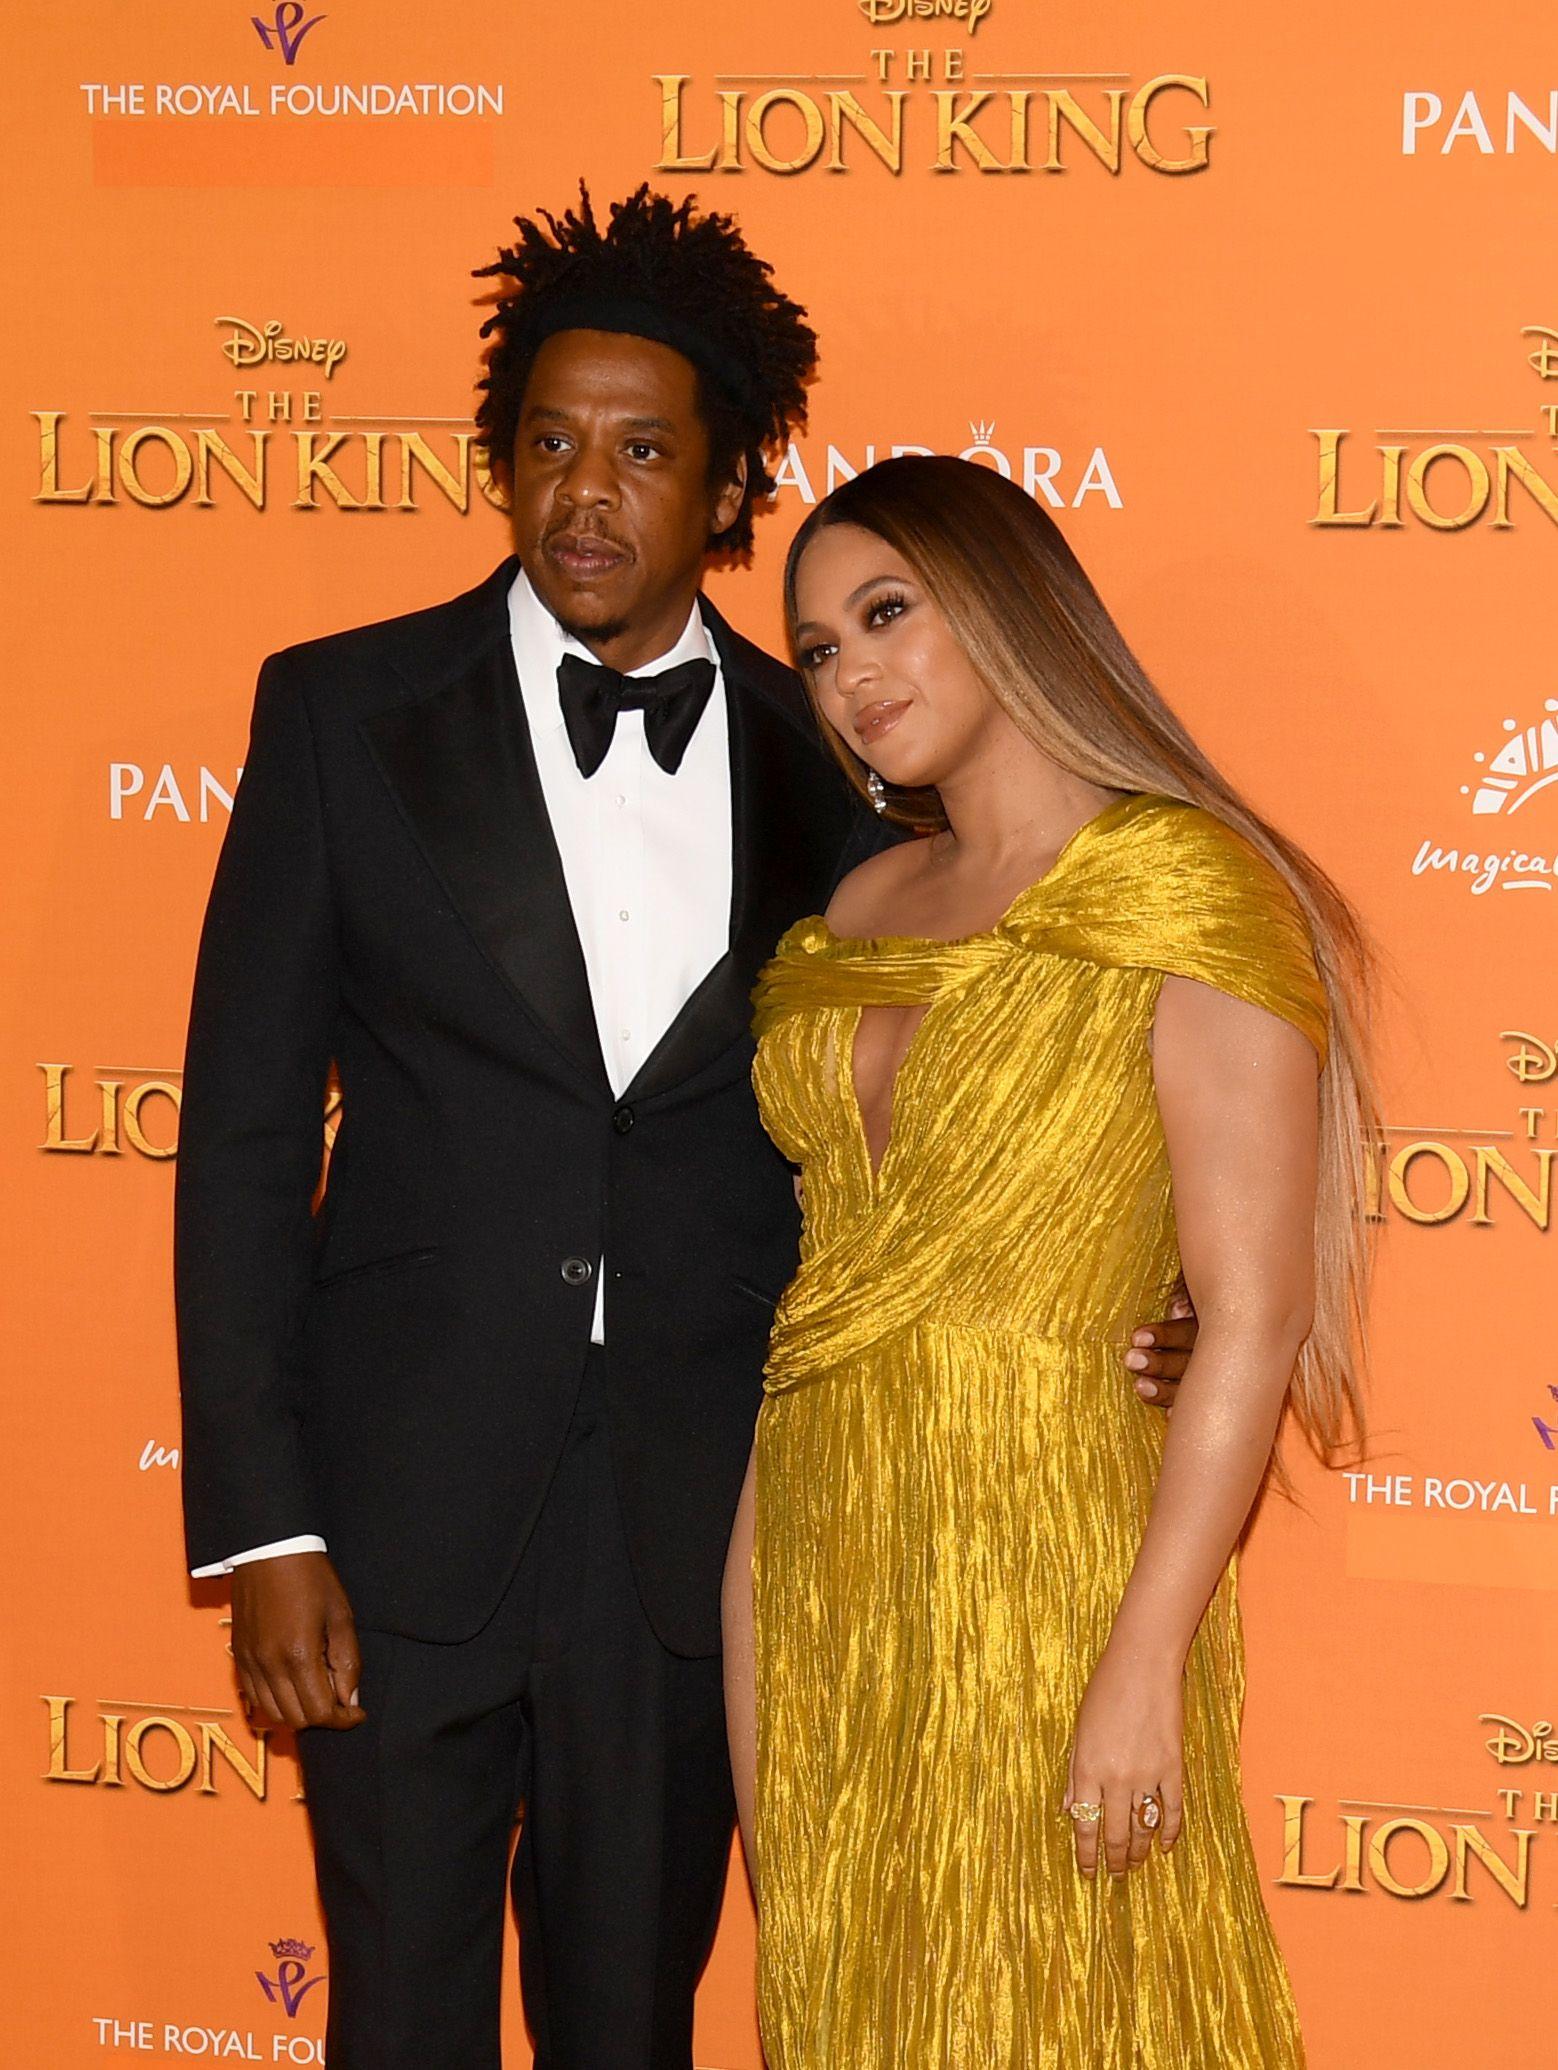 Beyonce shares adorable photos of twins Rumi and Sir Carter